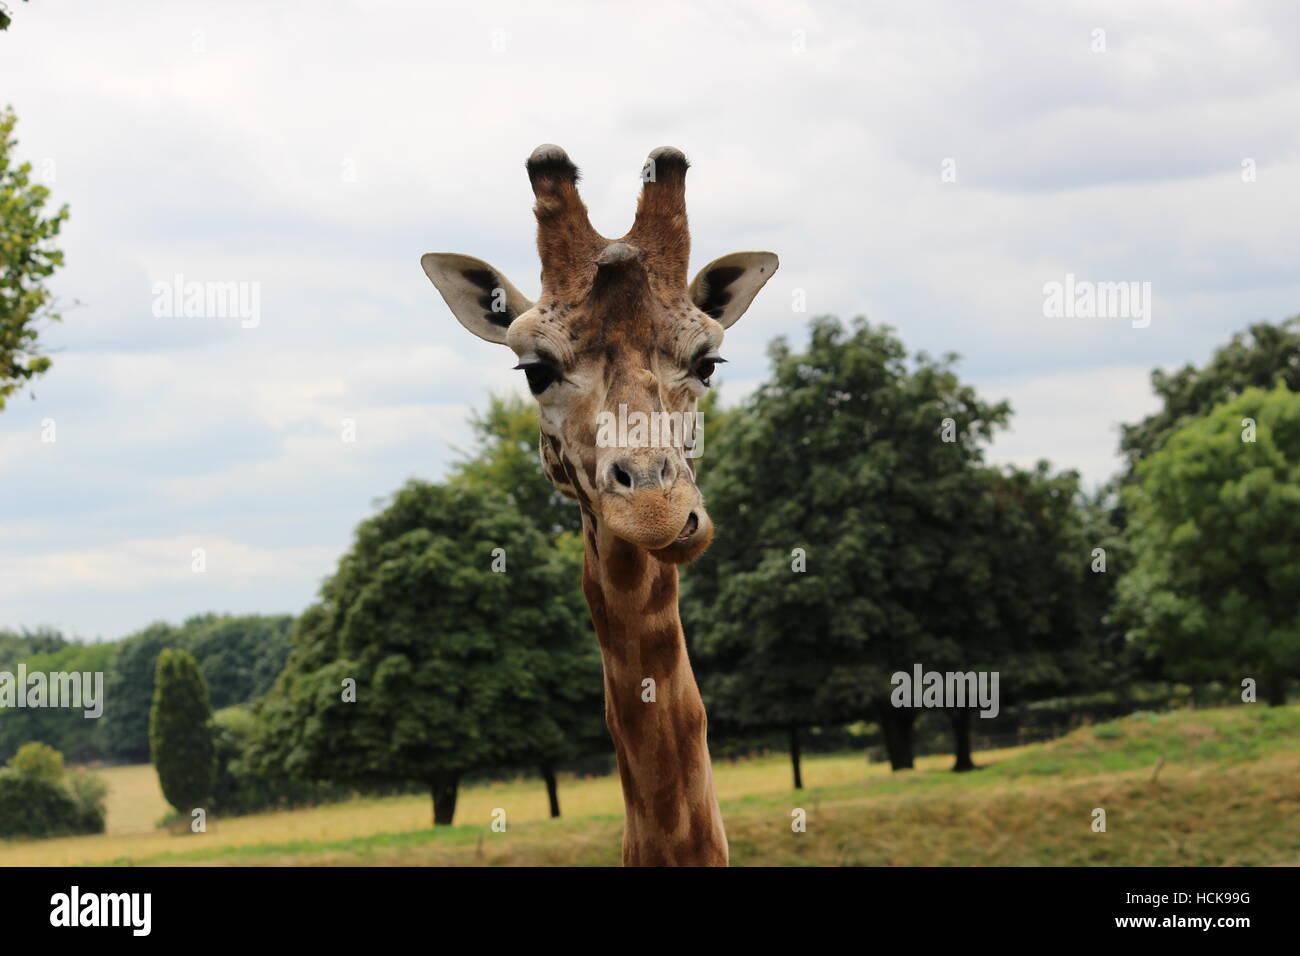 La giraffa ritratto Cotswold Wildlife Park giovane adolescente orgoglioso headshot parlando di testa Immagini Stock